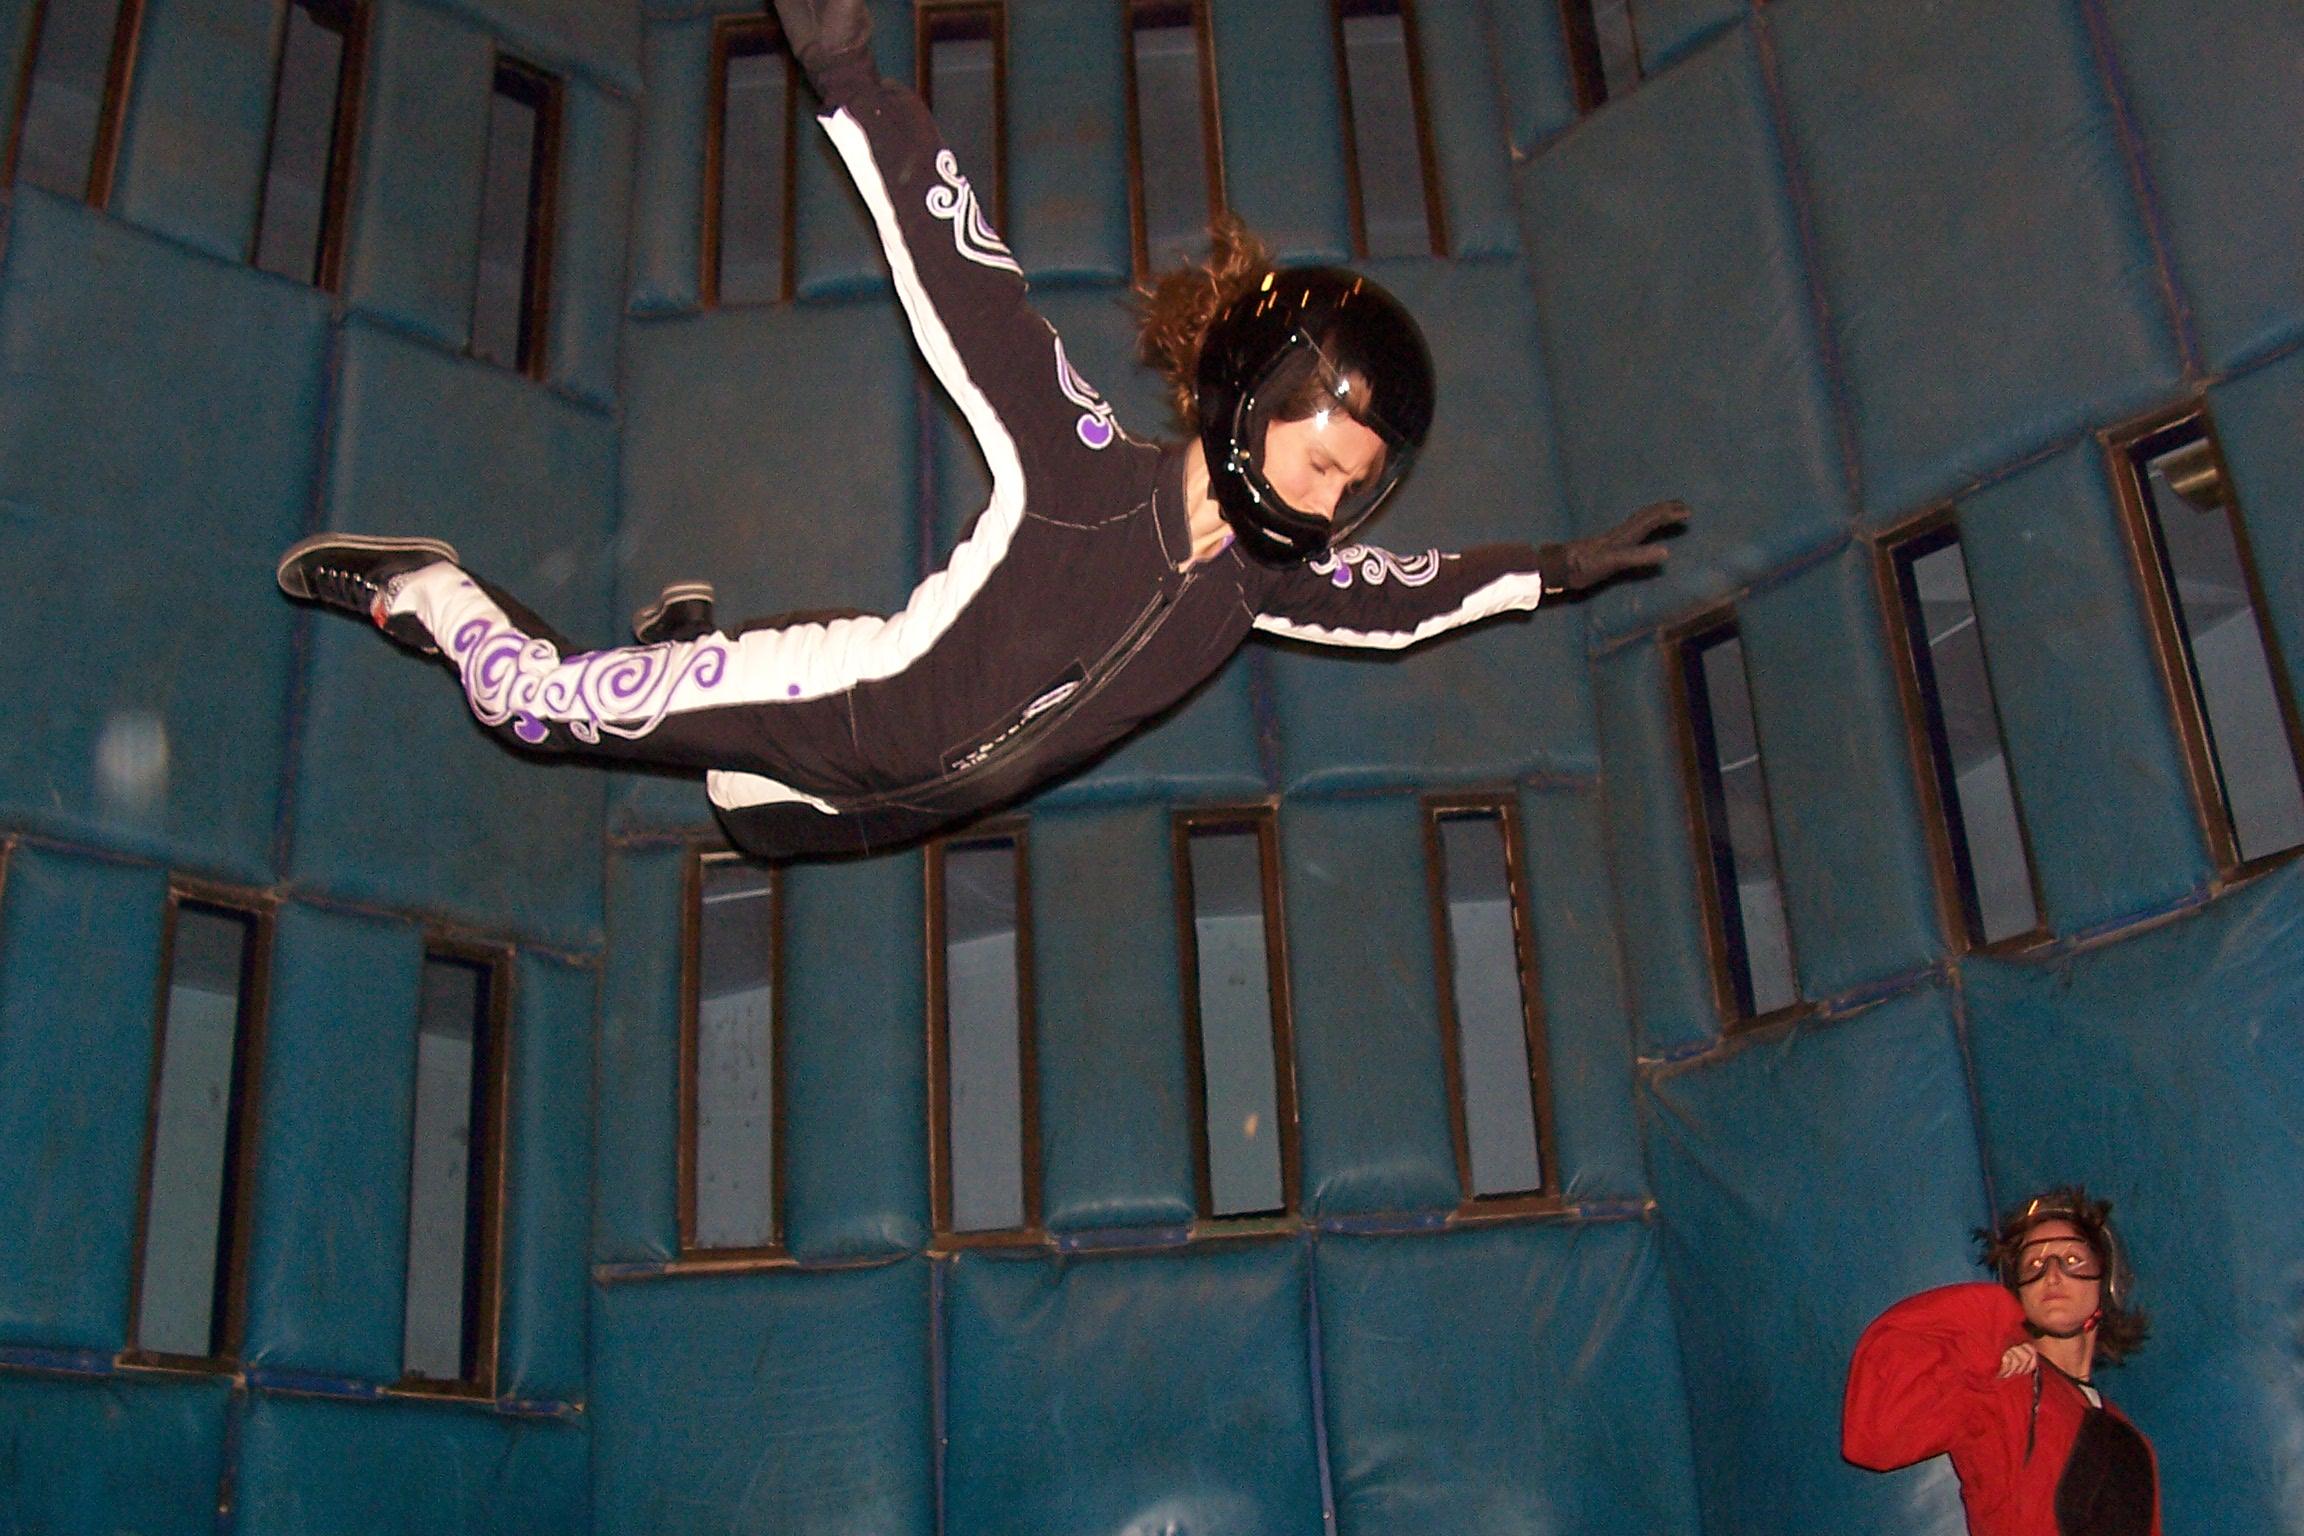 Vegas Indoor Skydiving – Flyaway Las Vegas, NV – On Borrowed